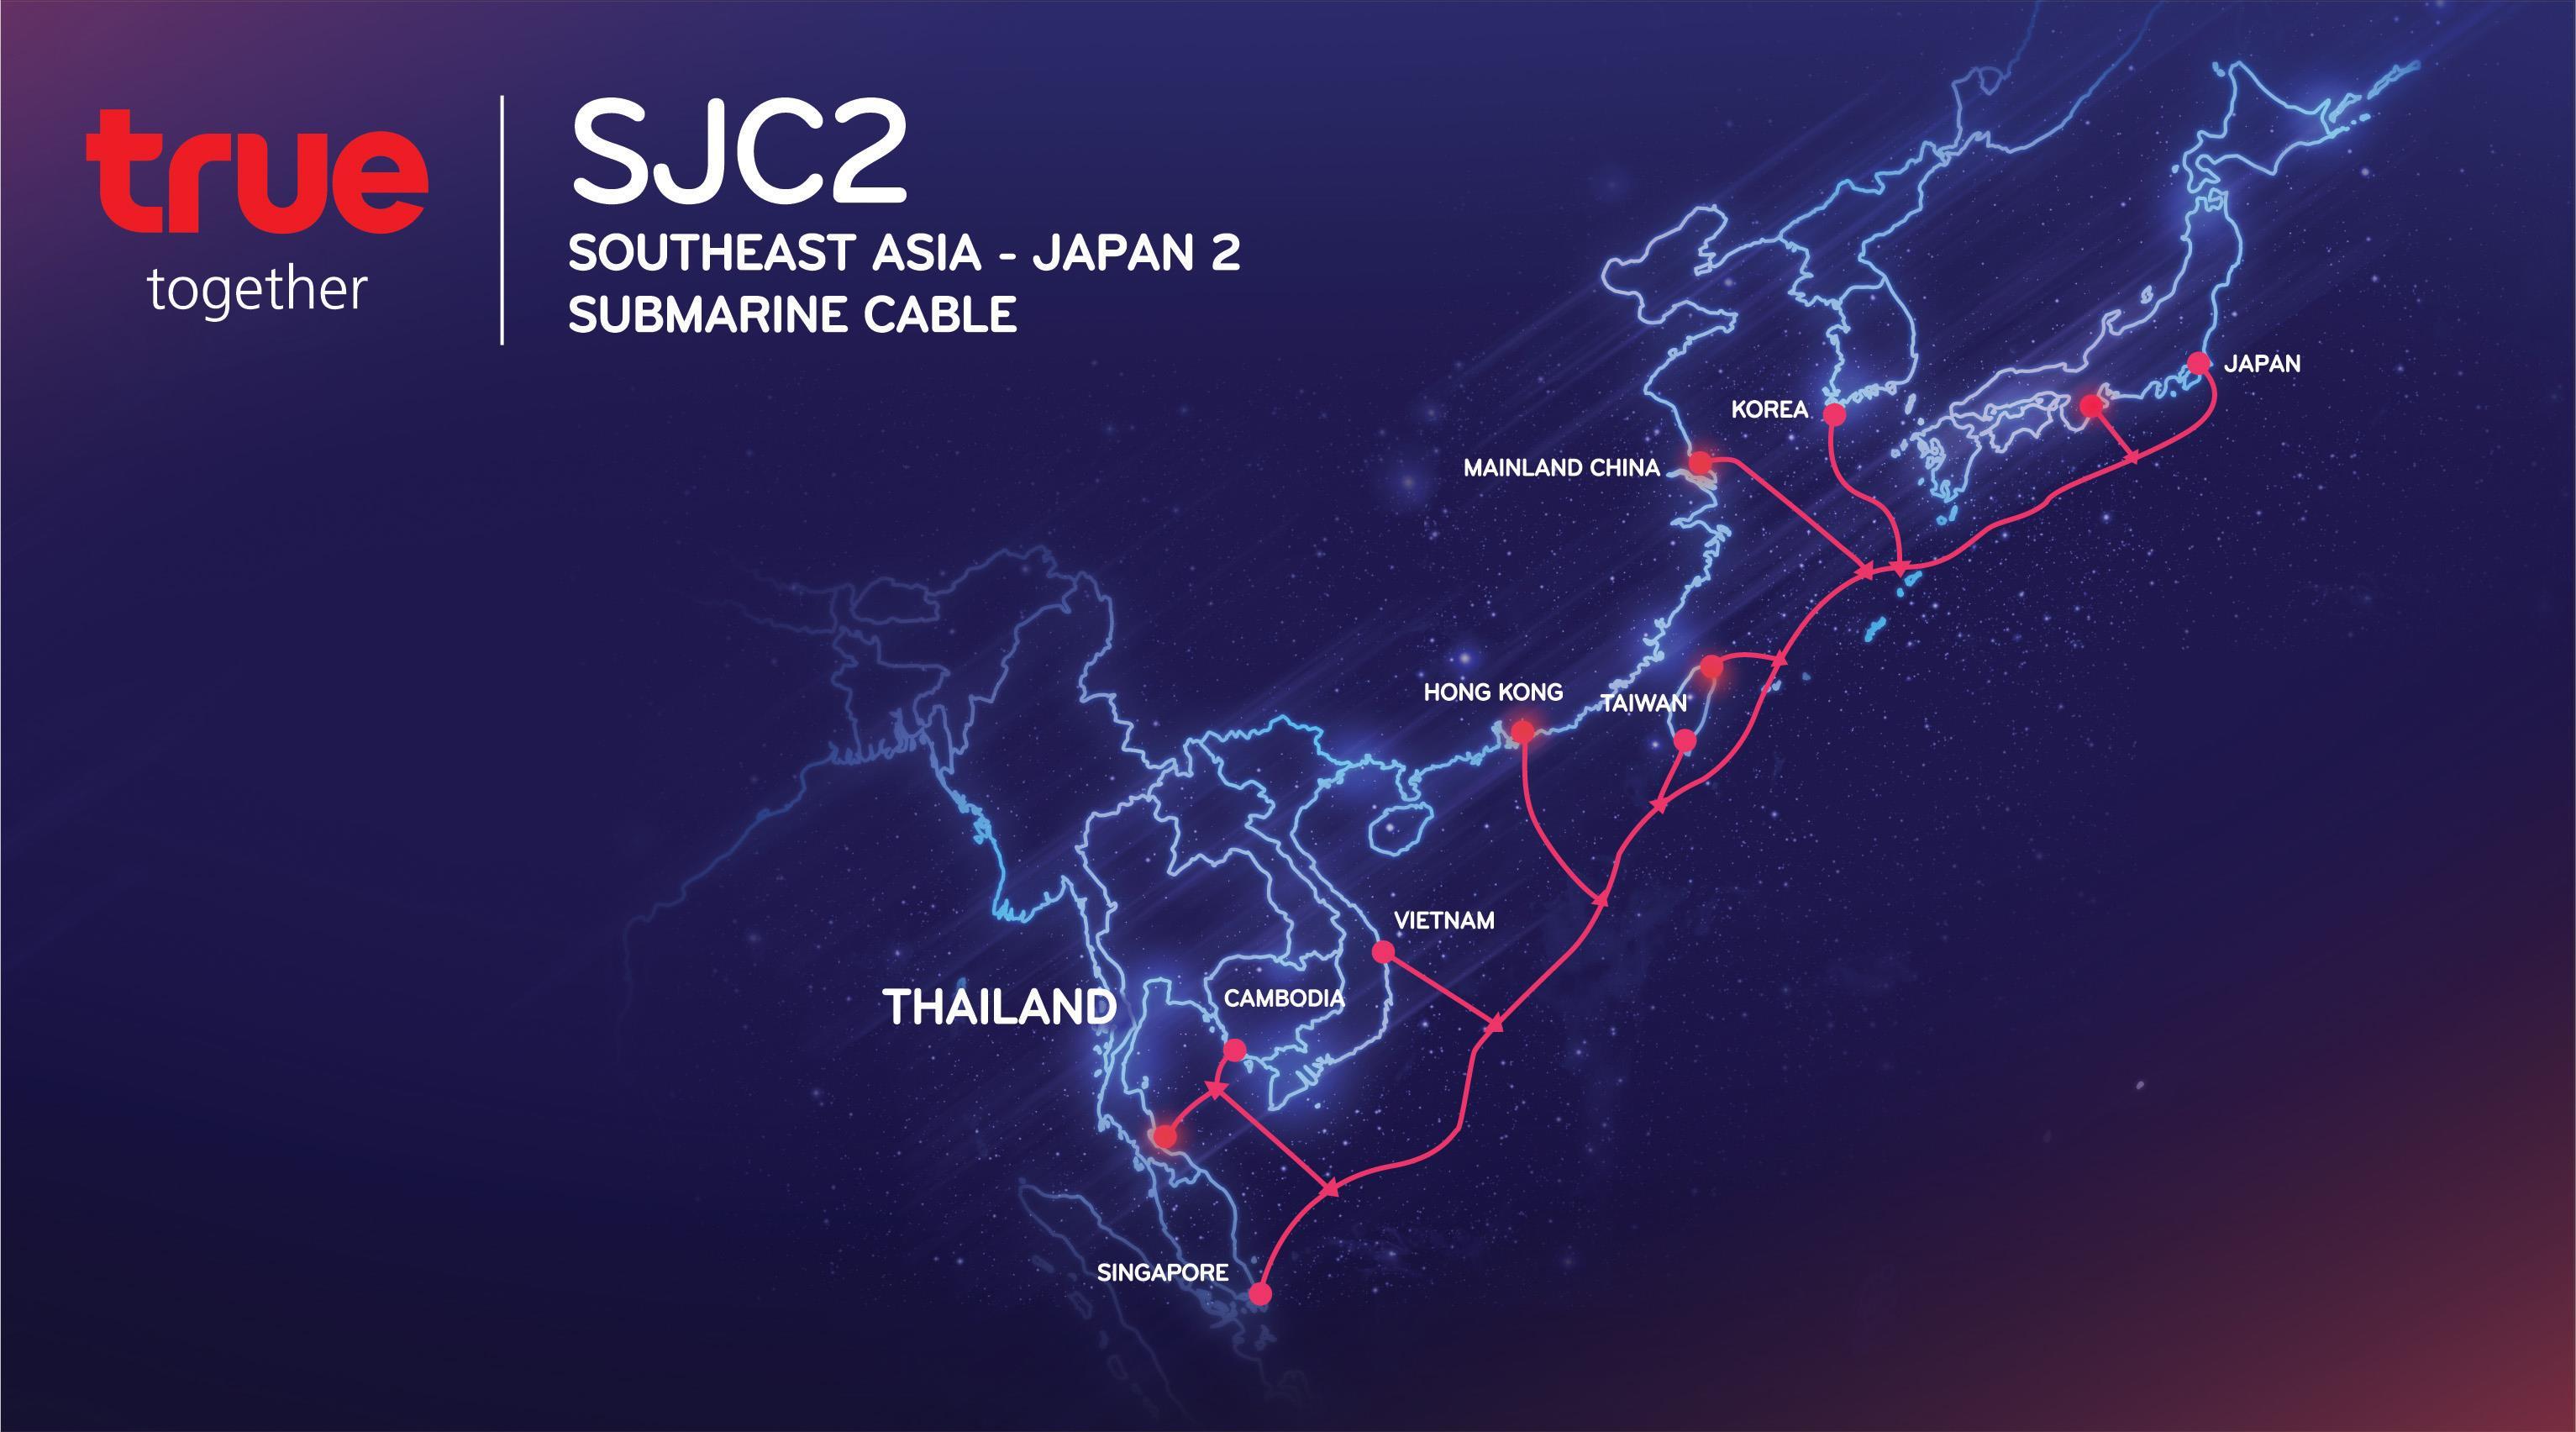 SJC2海底光缆系统越南段将在归仁登陆